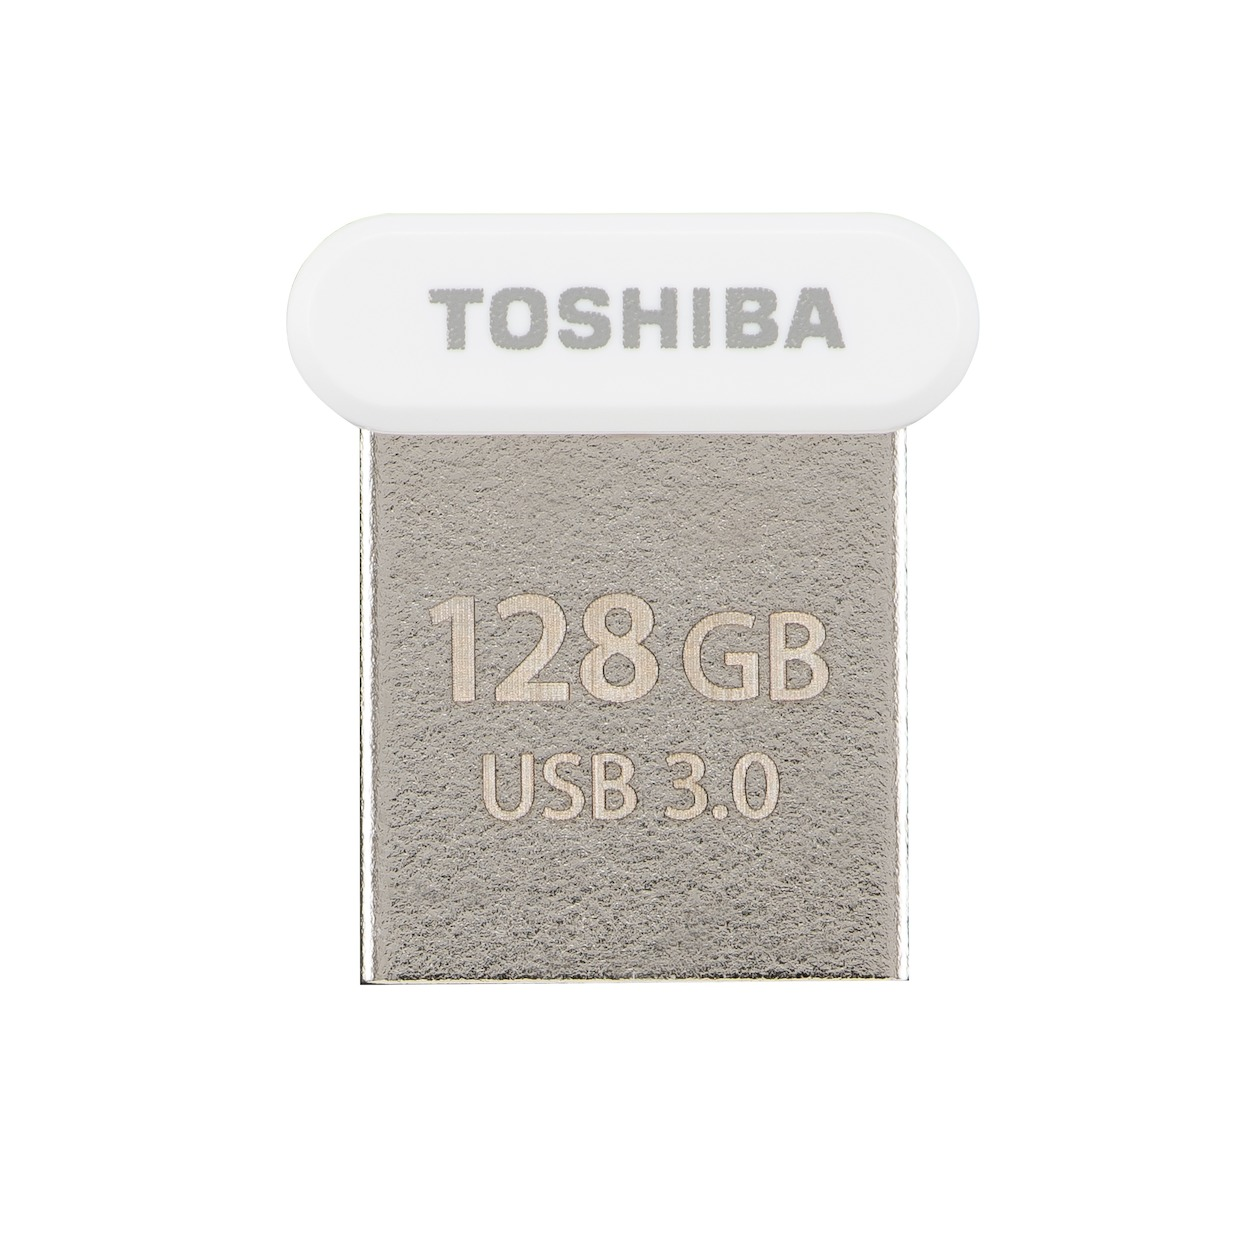 Toshiba TransMemory U364 128GB USB 3.0 wit